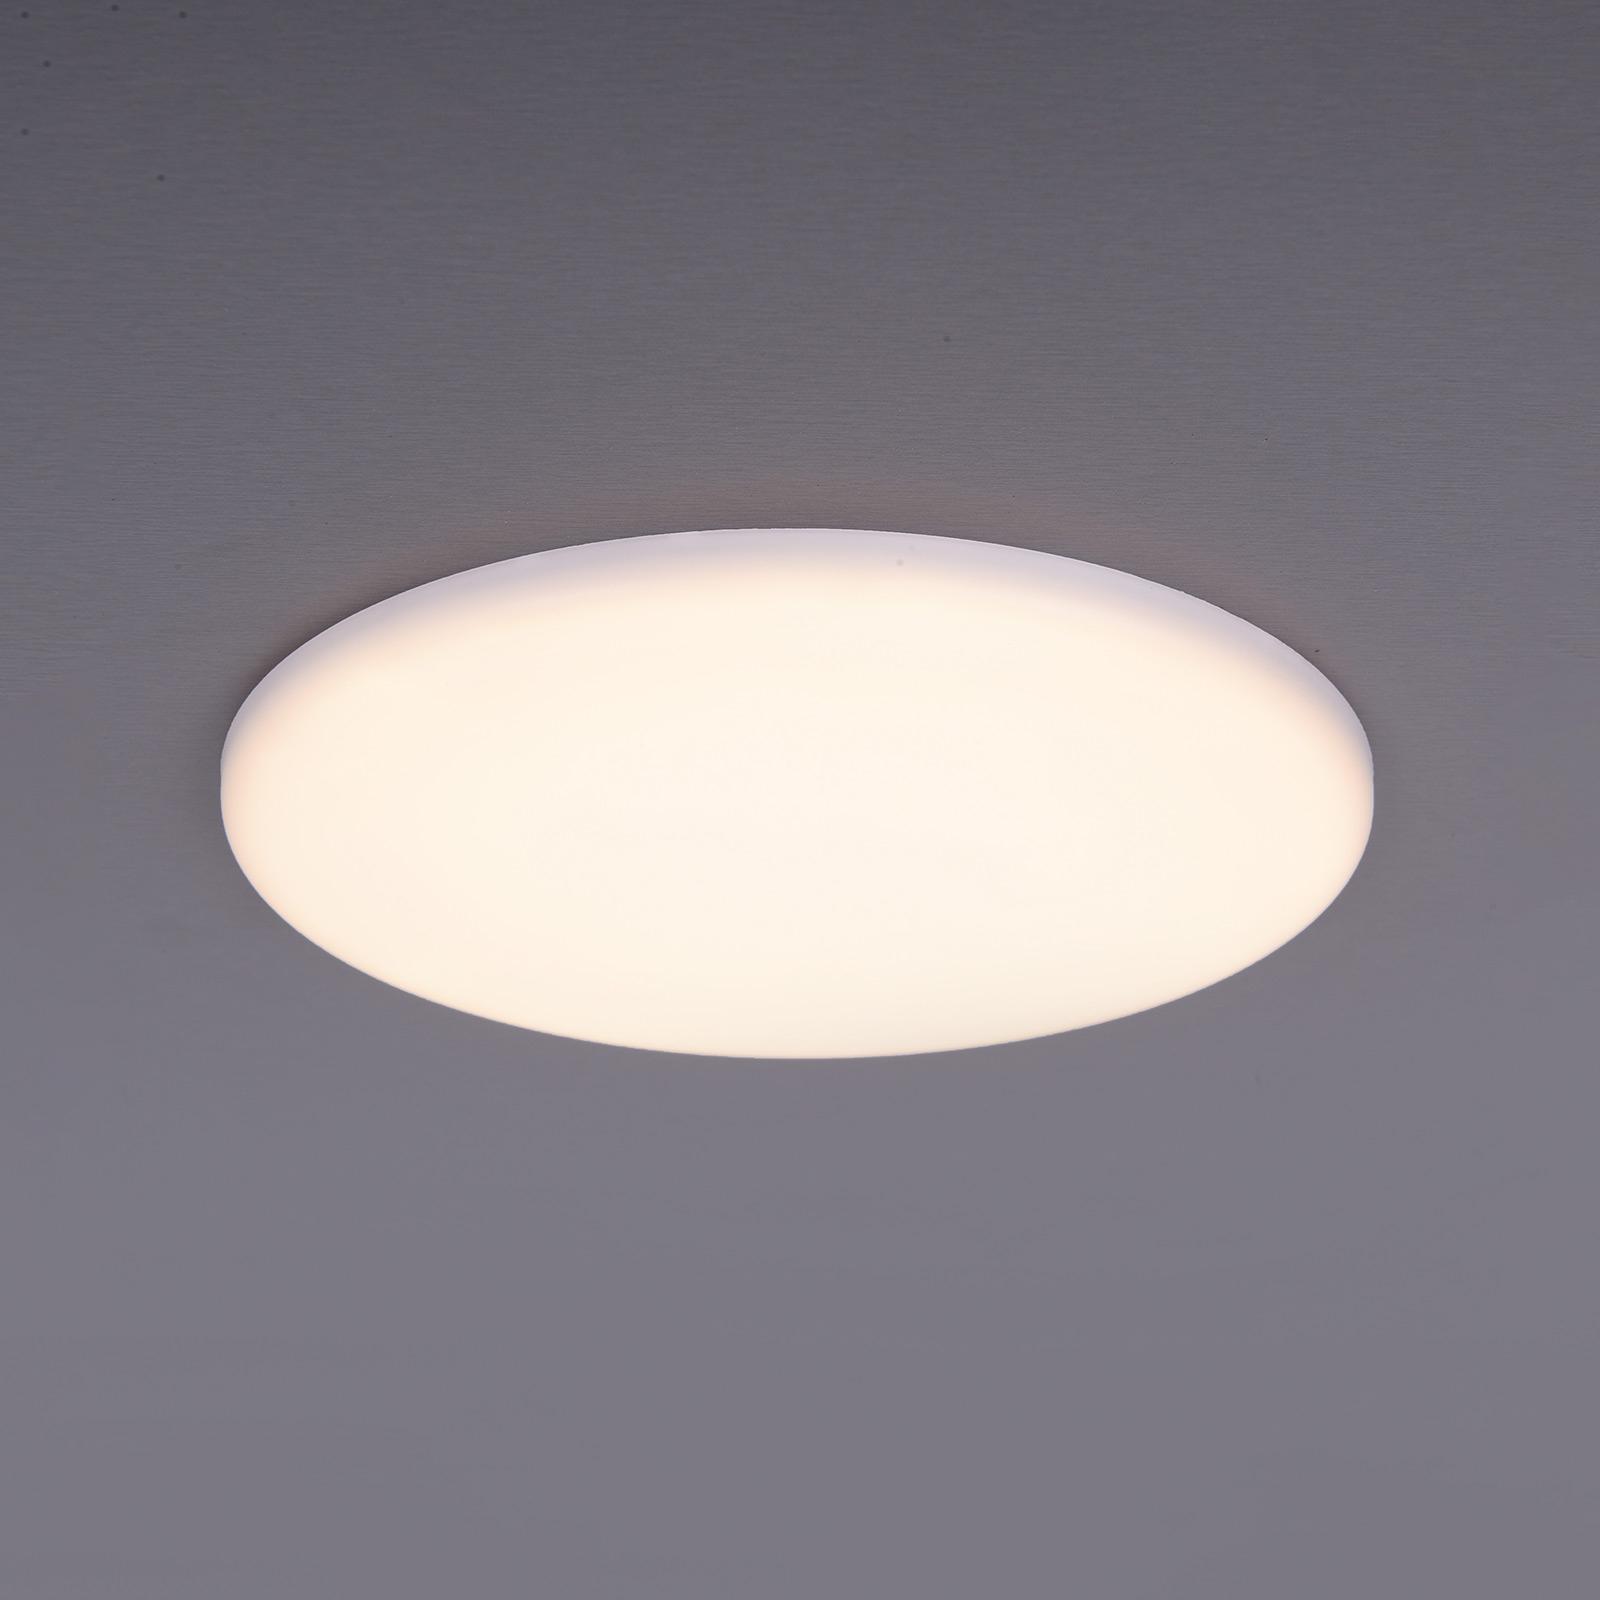 LED-Einbauleuchte Sula, rund, IP66, Ø 15,5 cm